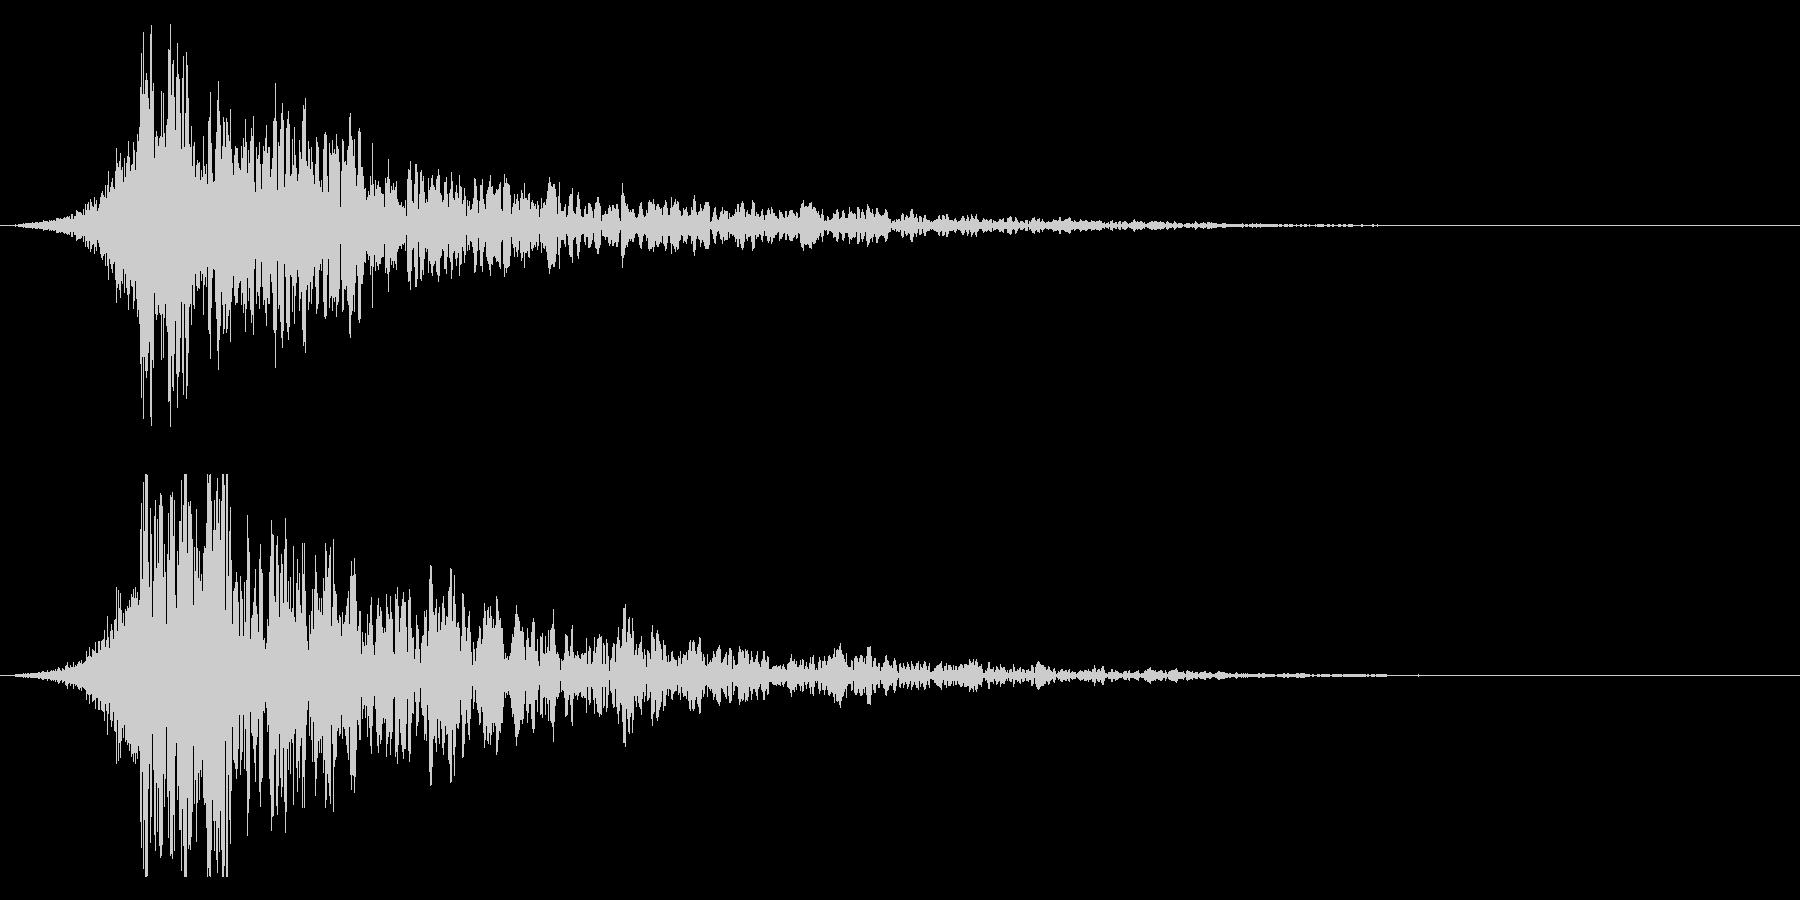 シュードーン-35-2(インパクト音)の未再生の波形